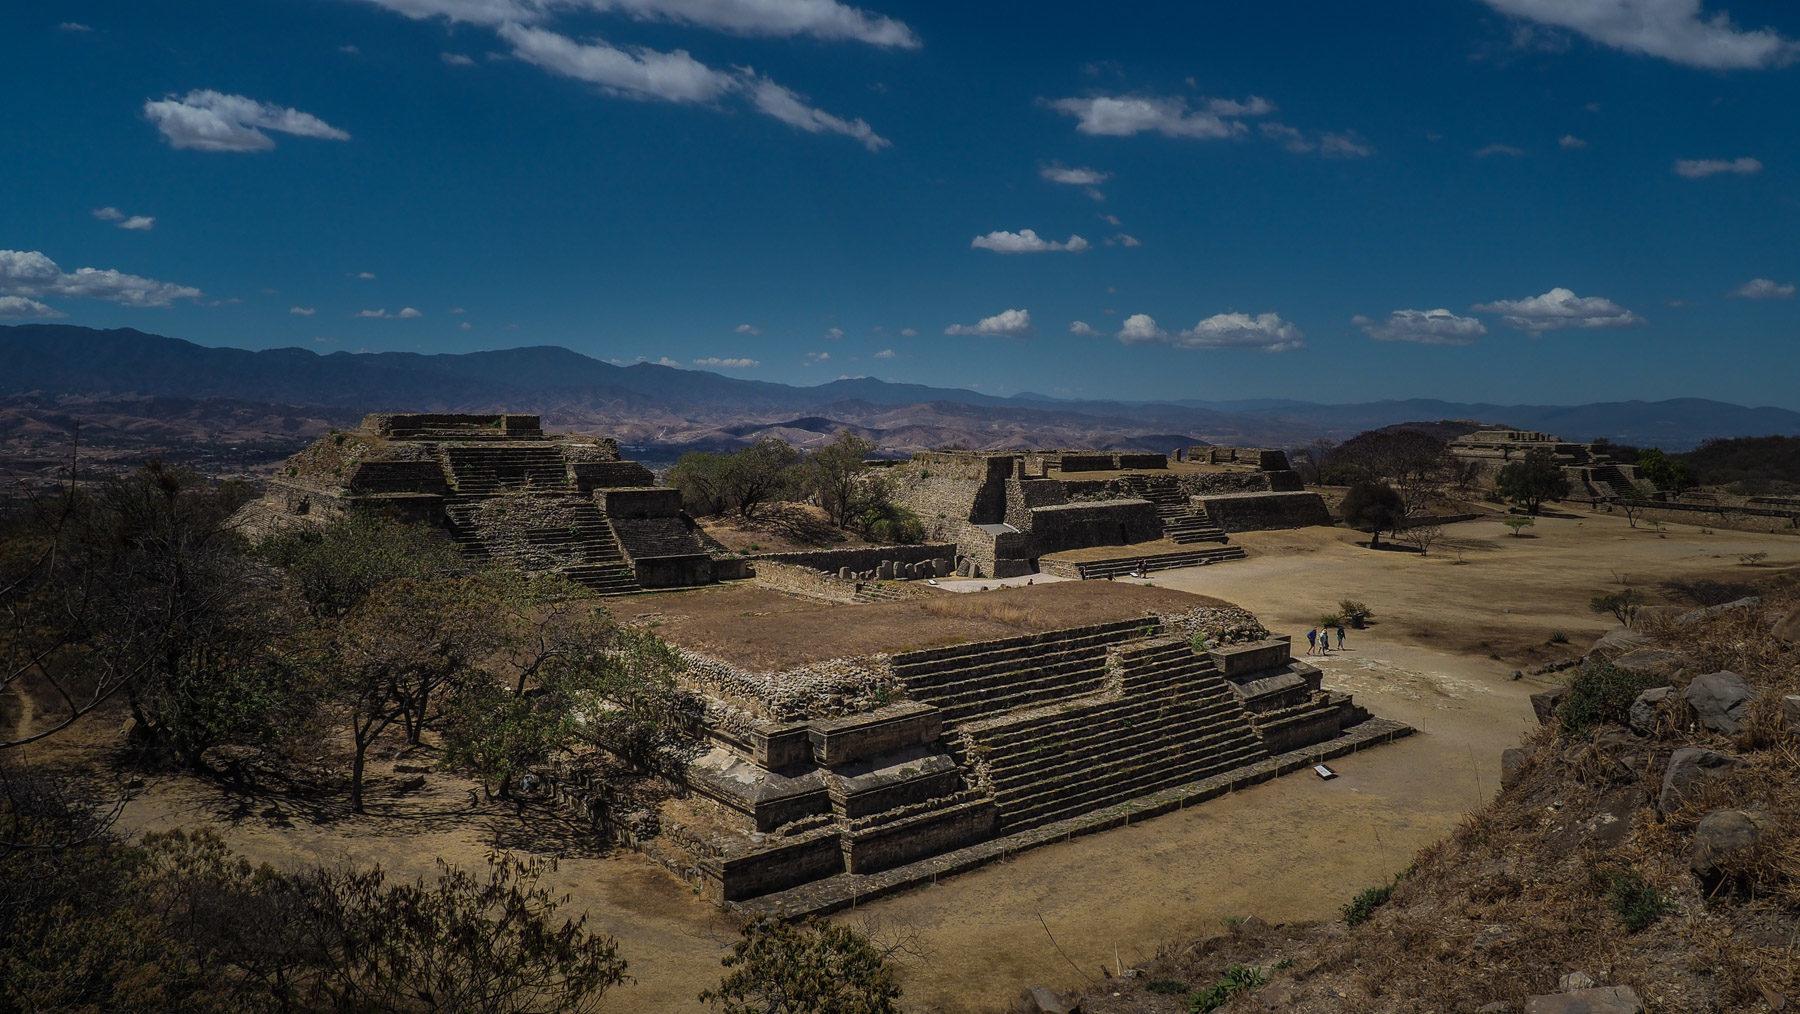 Monte Alban bei Oaxaca, ehem. Hauptstadt der Zapoteken